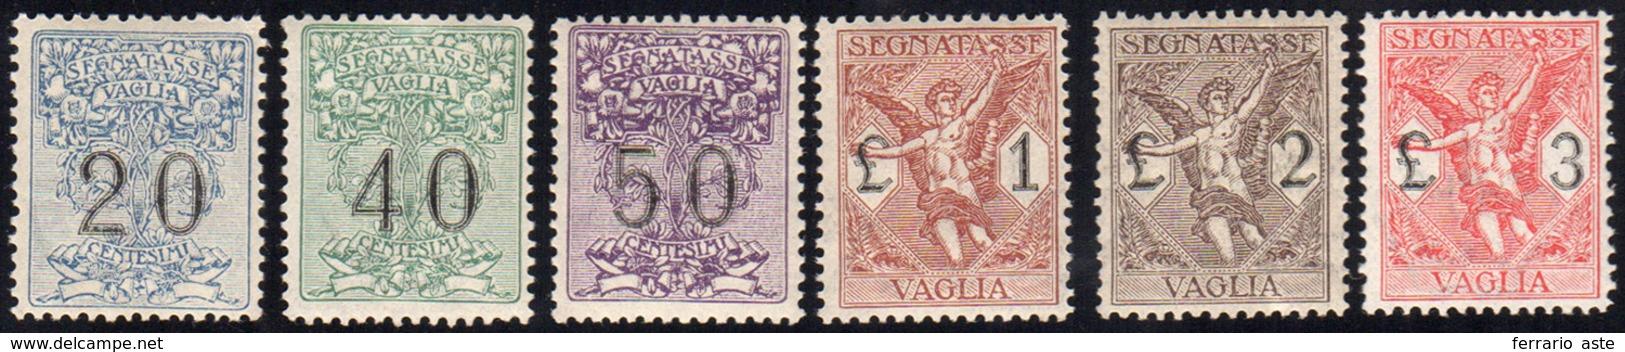 1321 1924 - Segnatasse Vaglia, Serie Completa (1/6), Ottima Centratura, Gomma Integra, Perfetti. Belli! C... - Italy